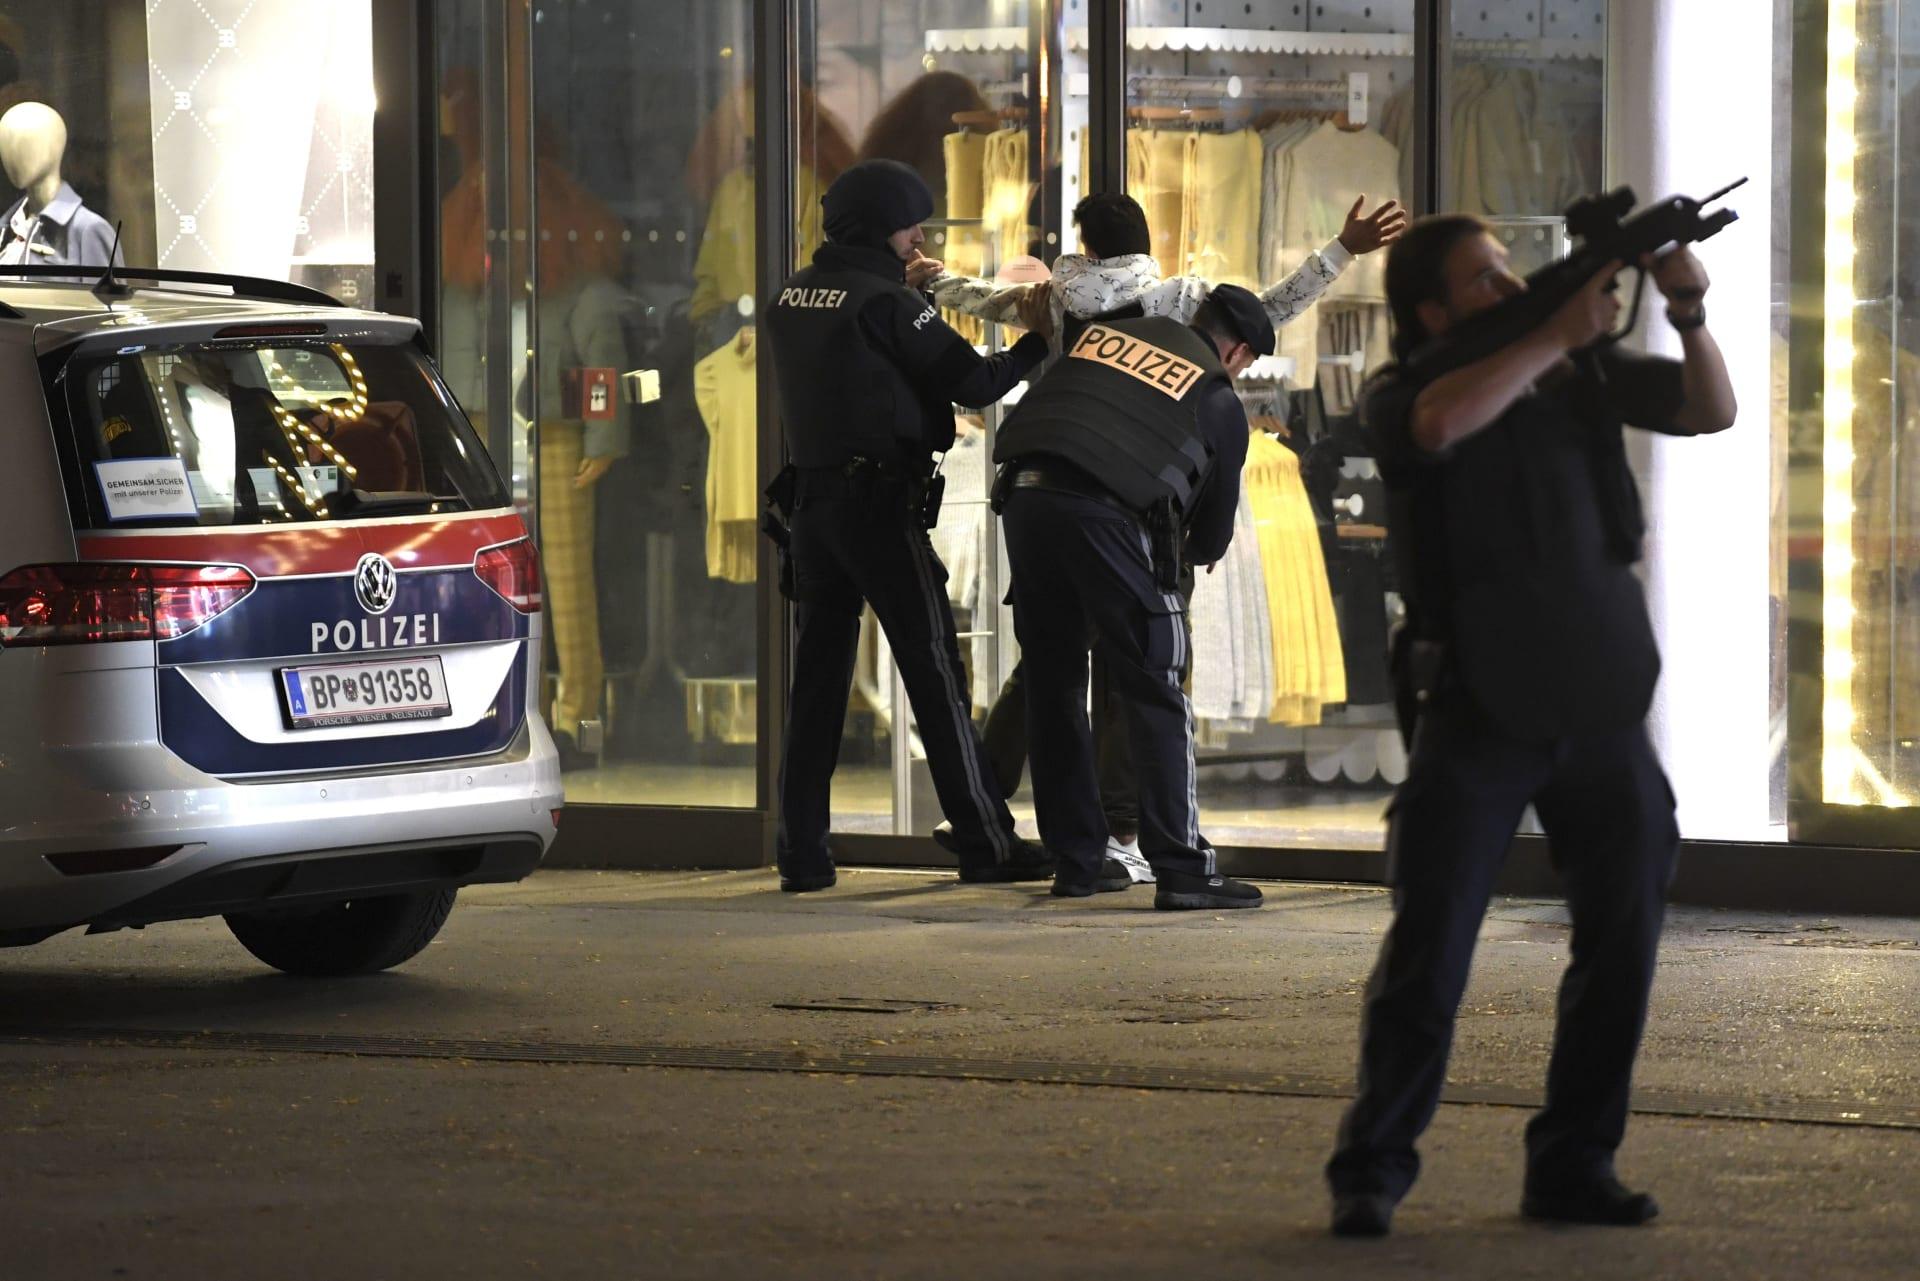 """داعش يُعلن مسؤوليته عن """"هجوم فيينا"""".. ويكشف اسم المنفذ وأسلحته"""